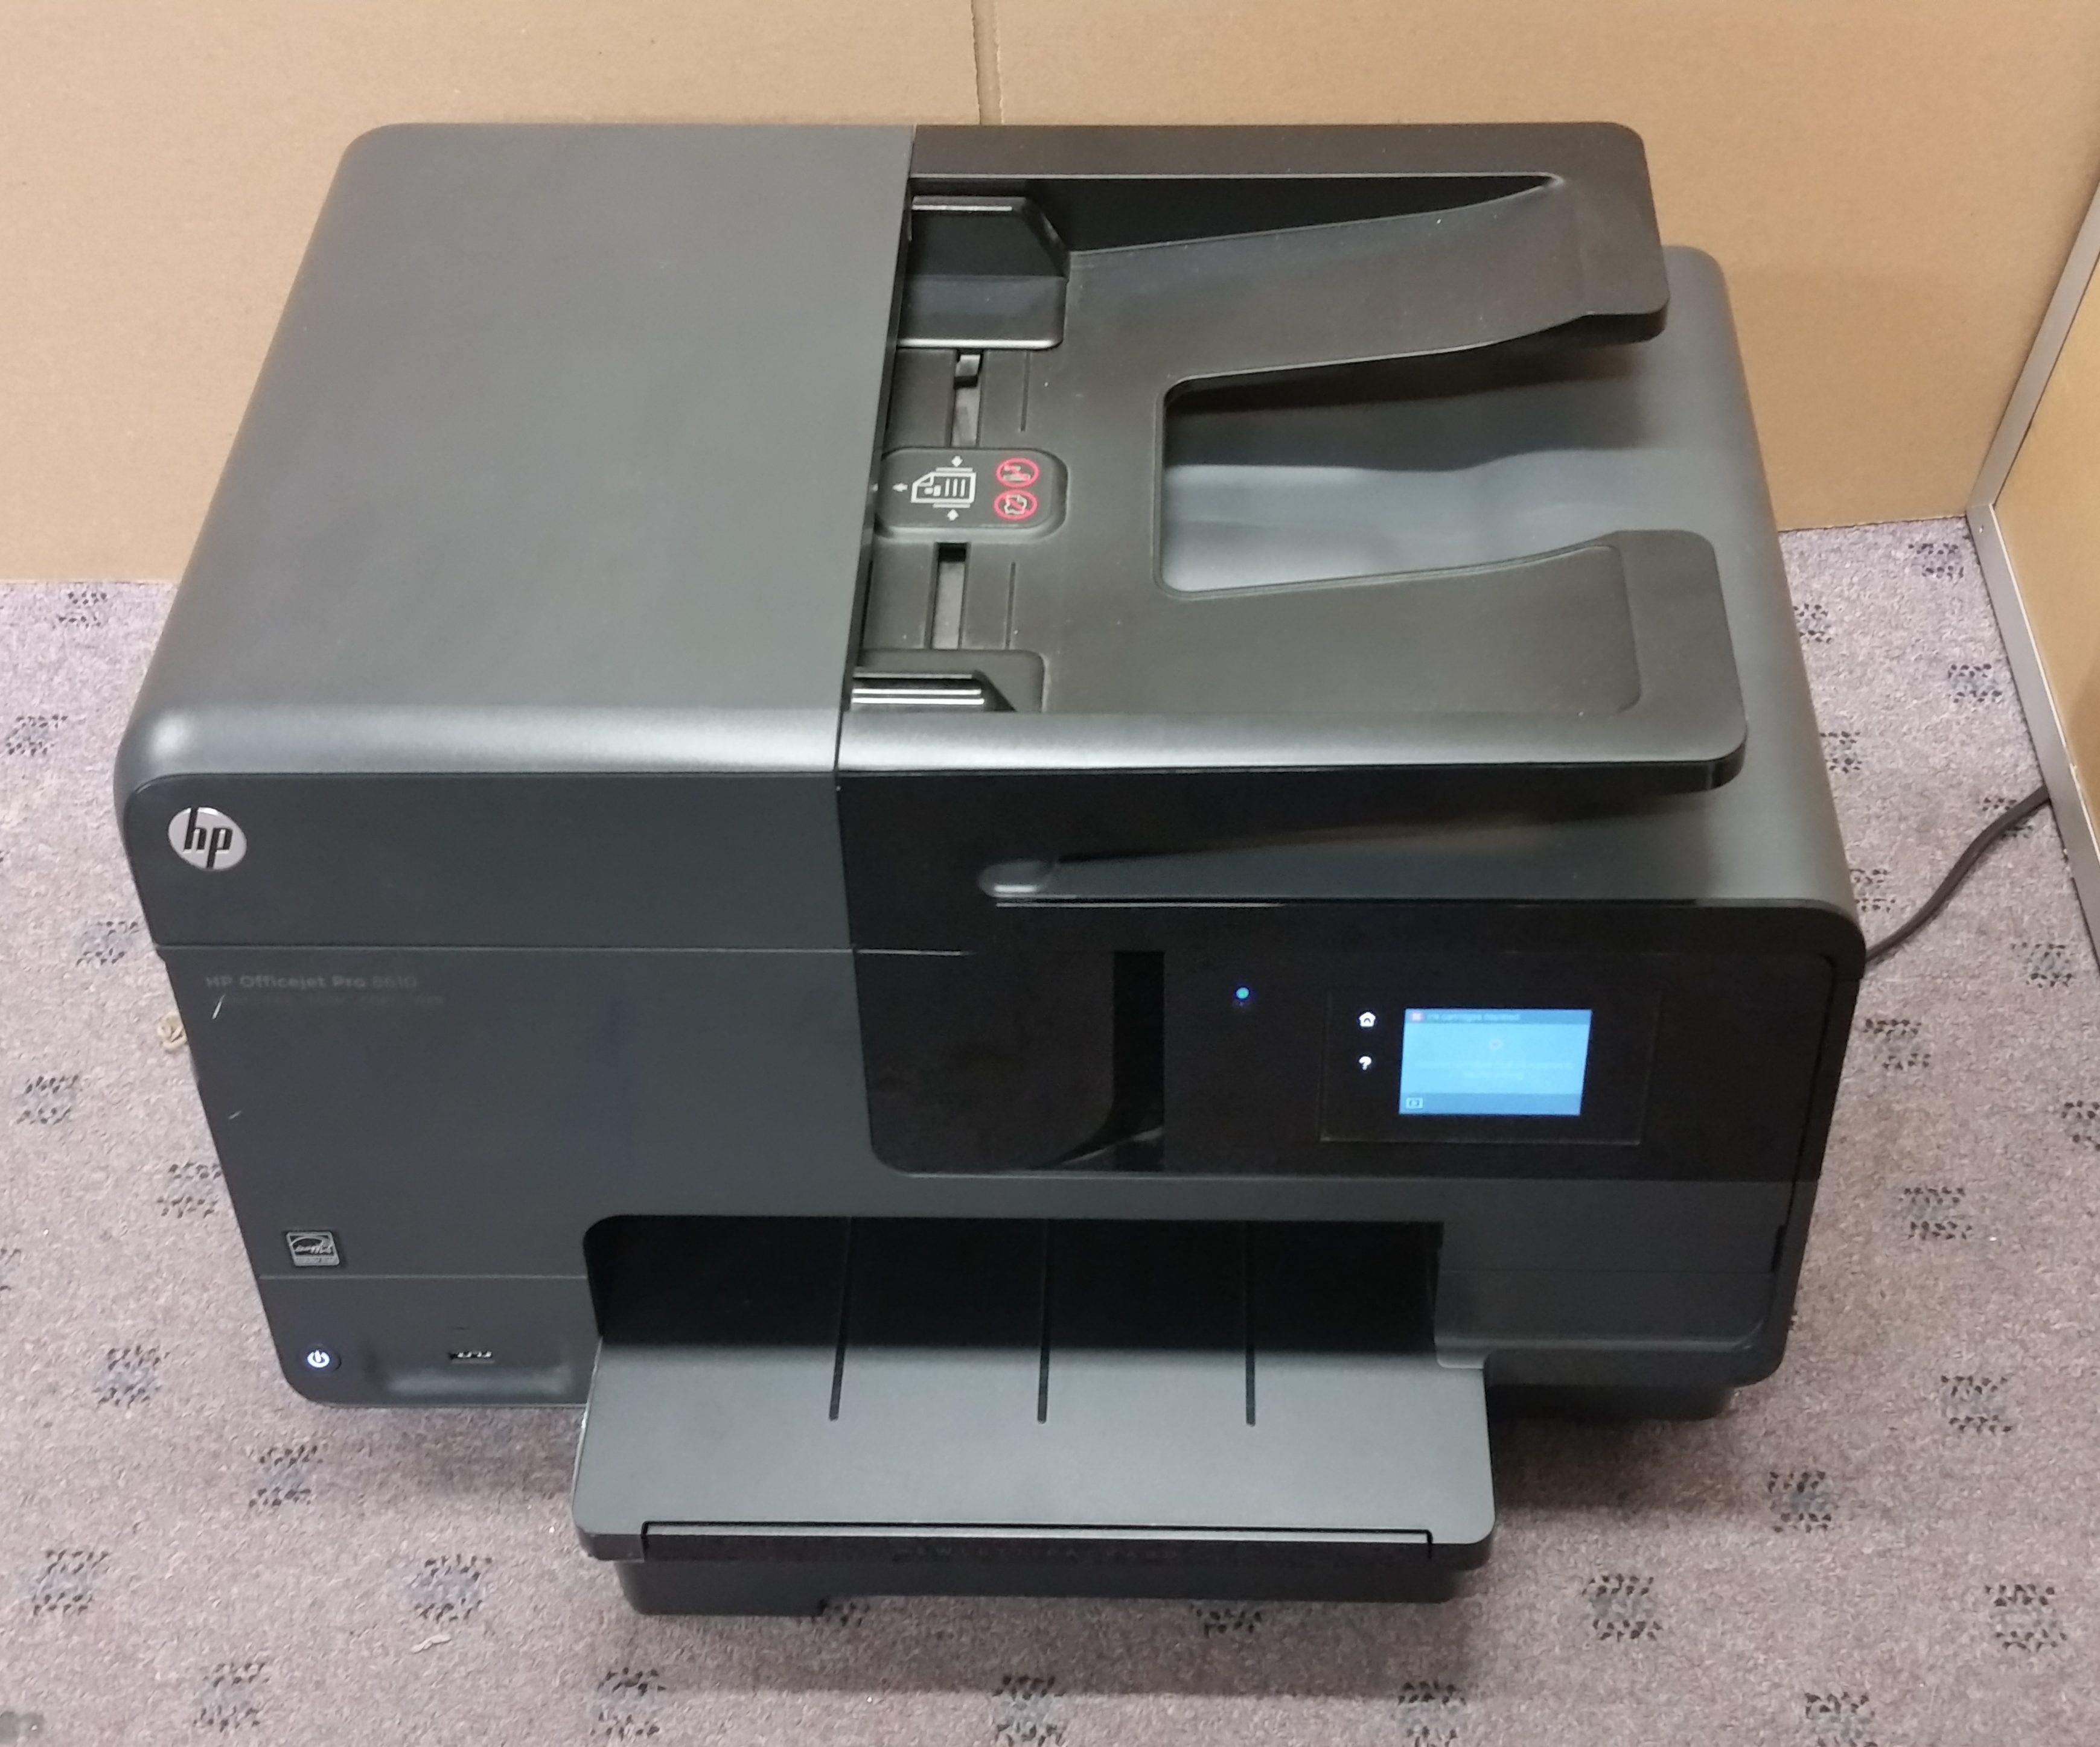 HP OfficeJet 8610 Inkjet MFP Printer Used